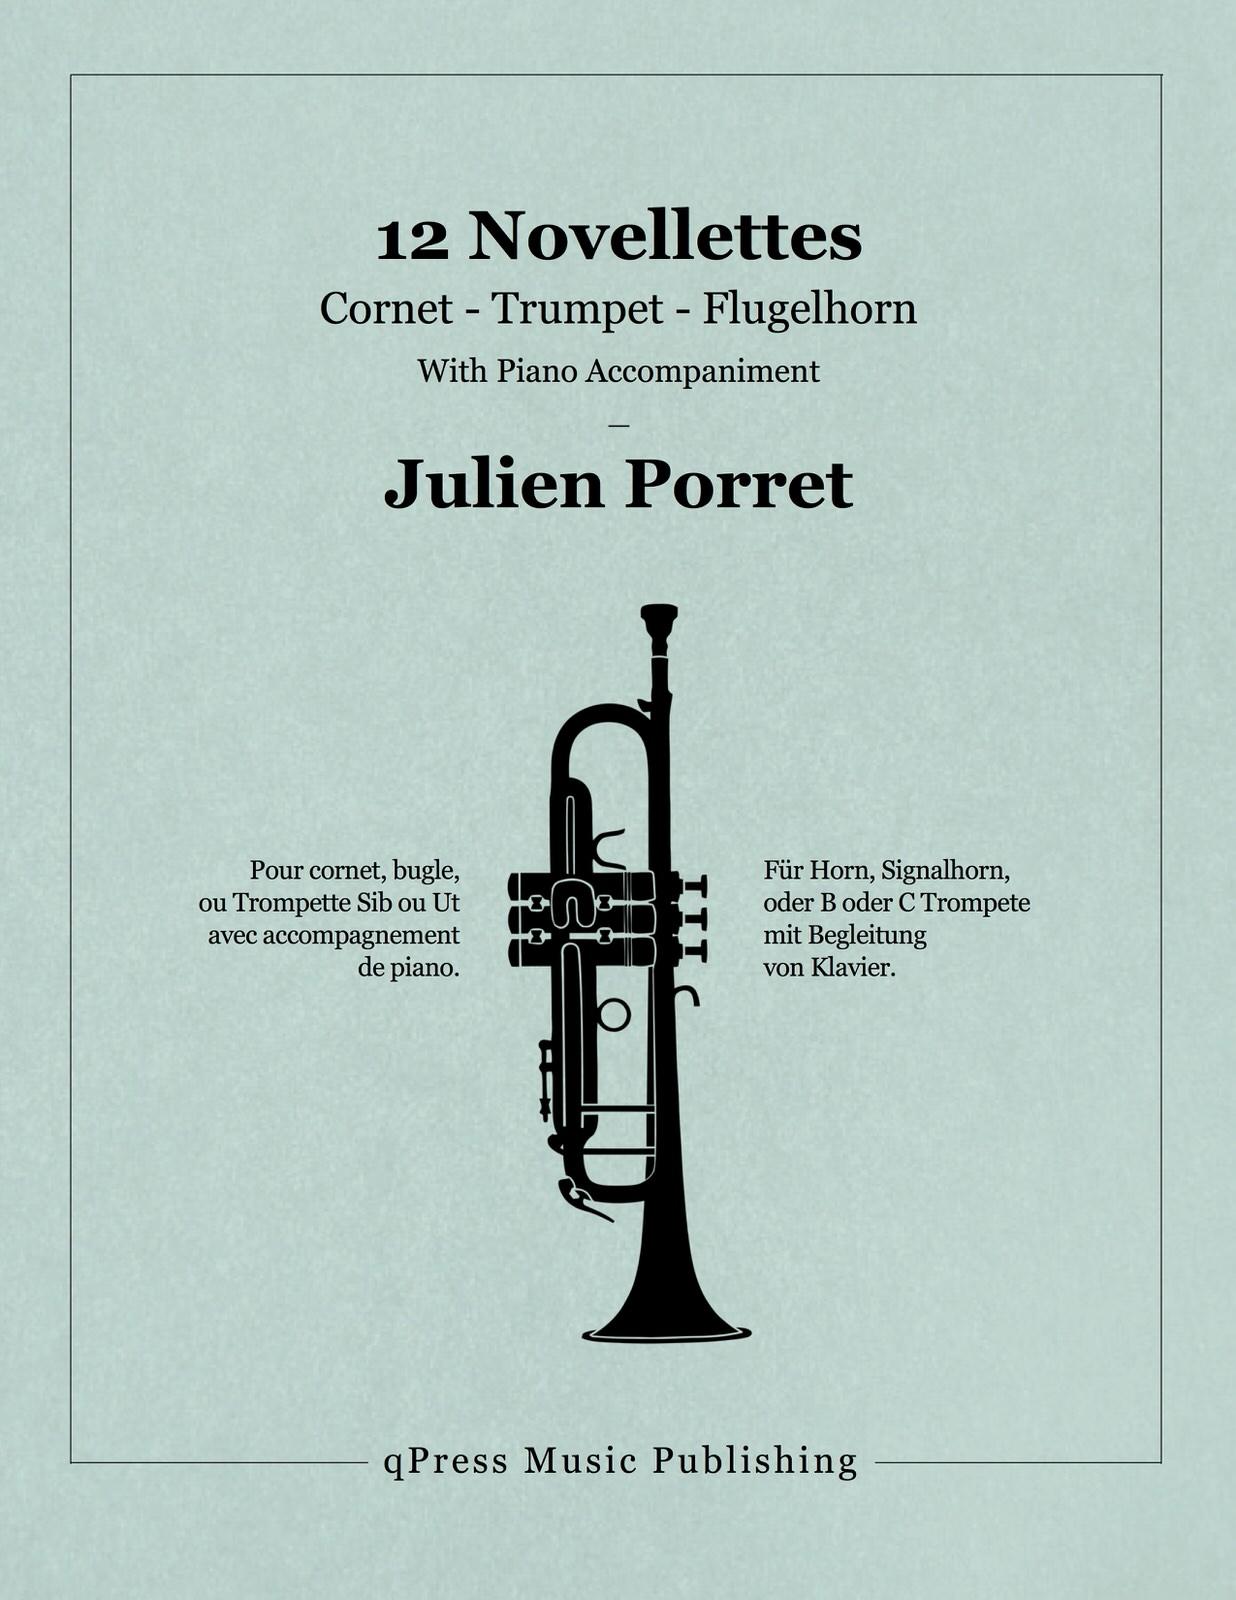 Porret, 12 Novellettes (Score and Parts)-p01